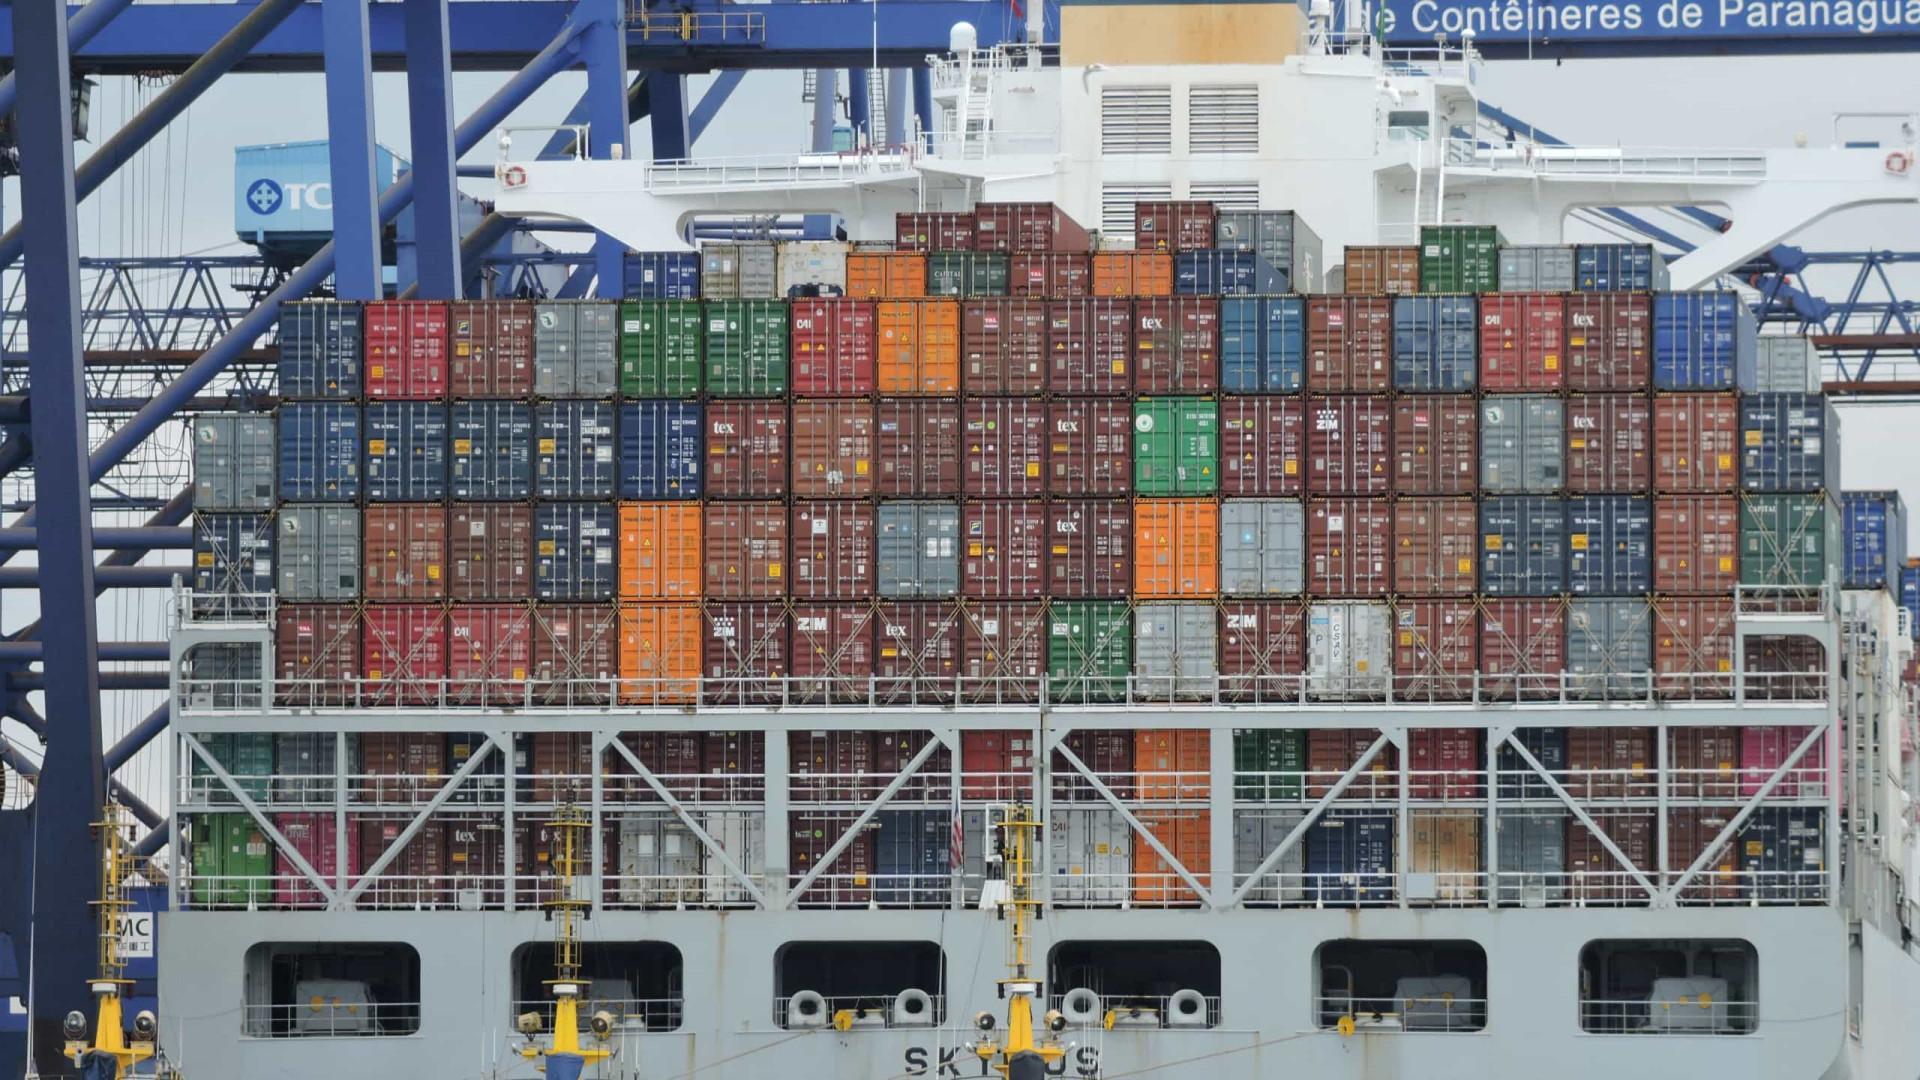 Portos do Paraná movimentaram até setembro cerca de 44,5 milhões de toneladas